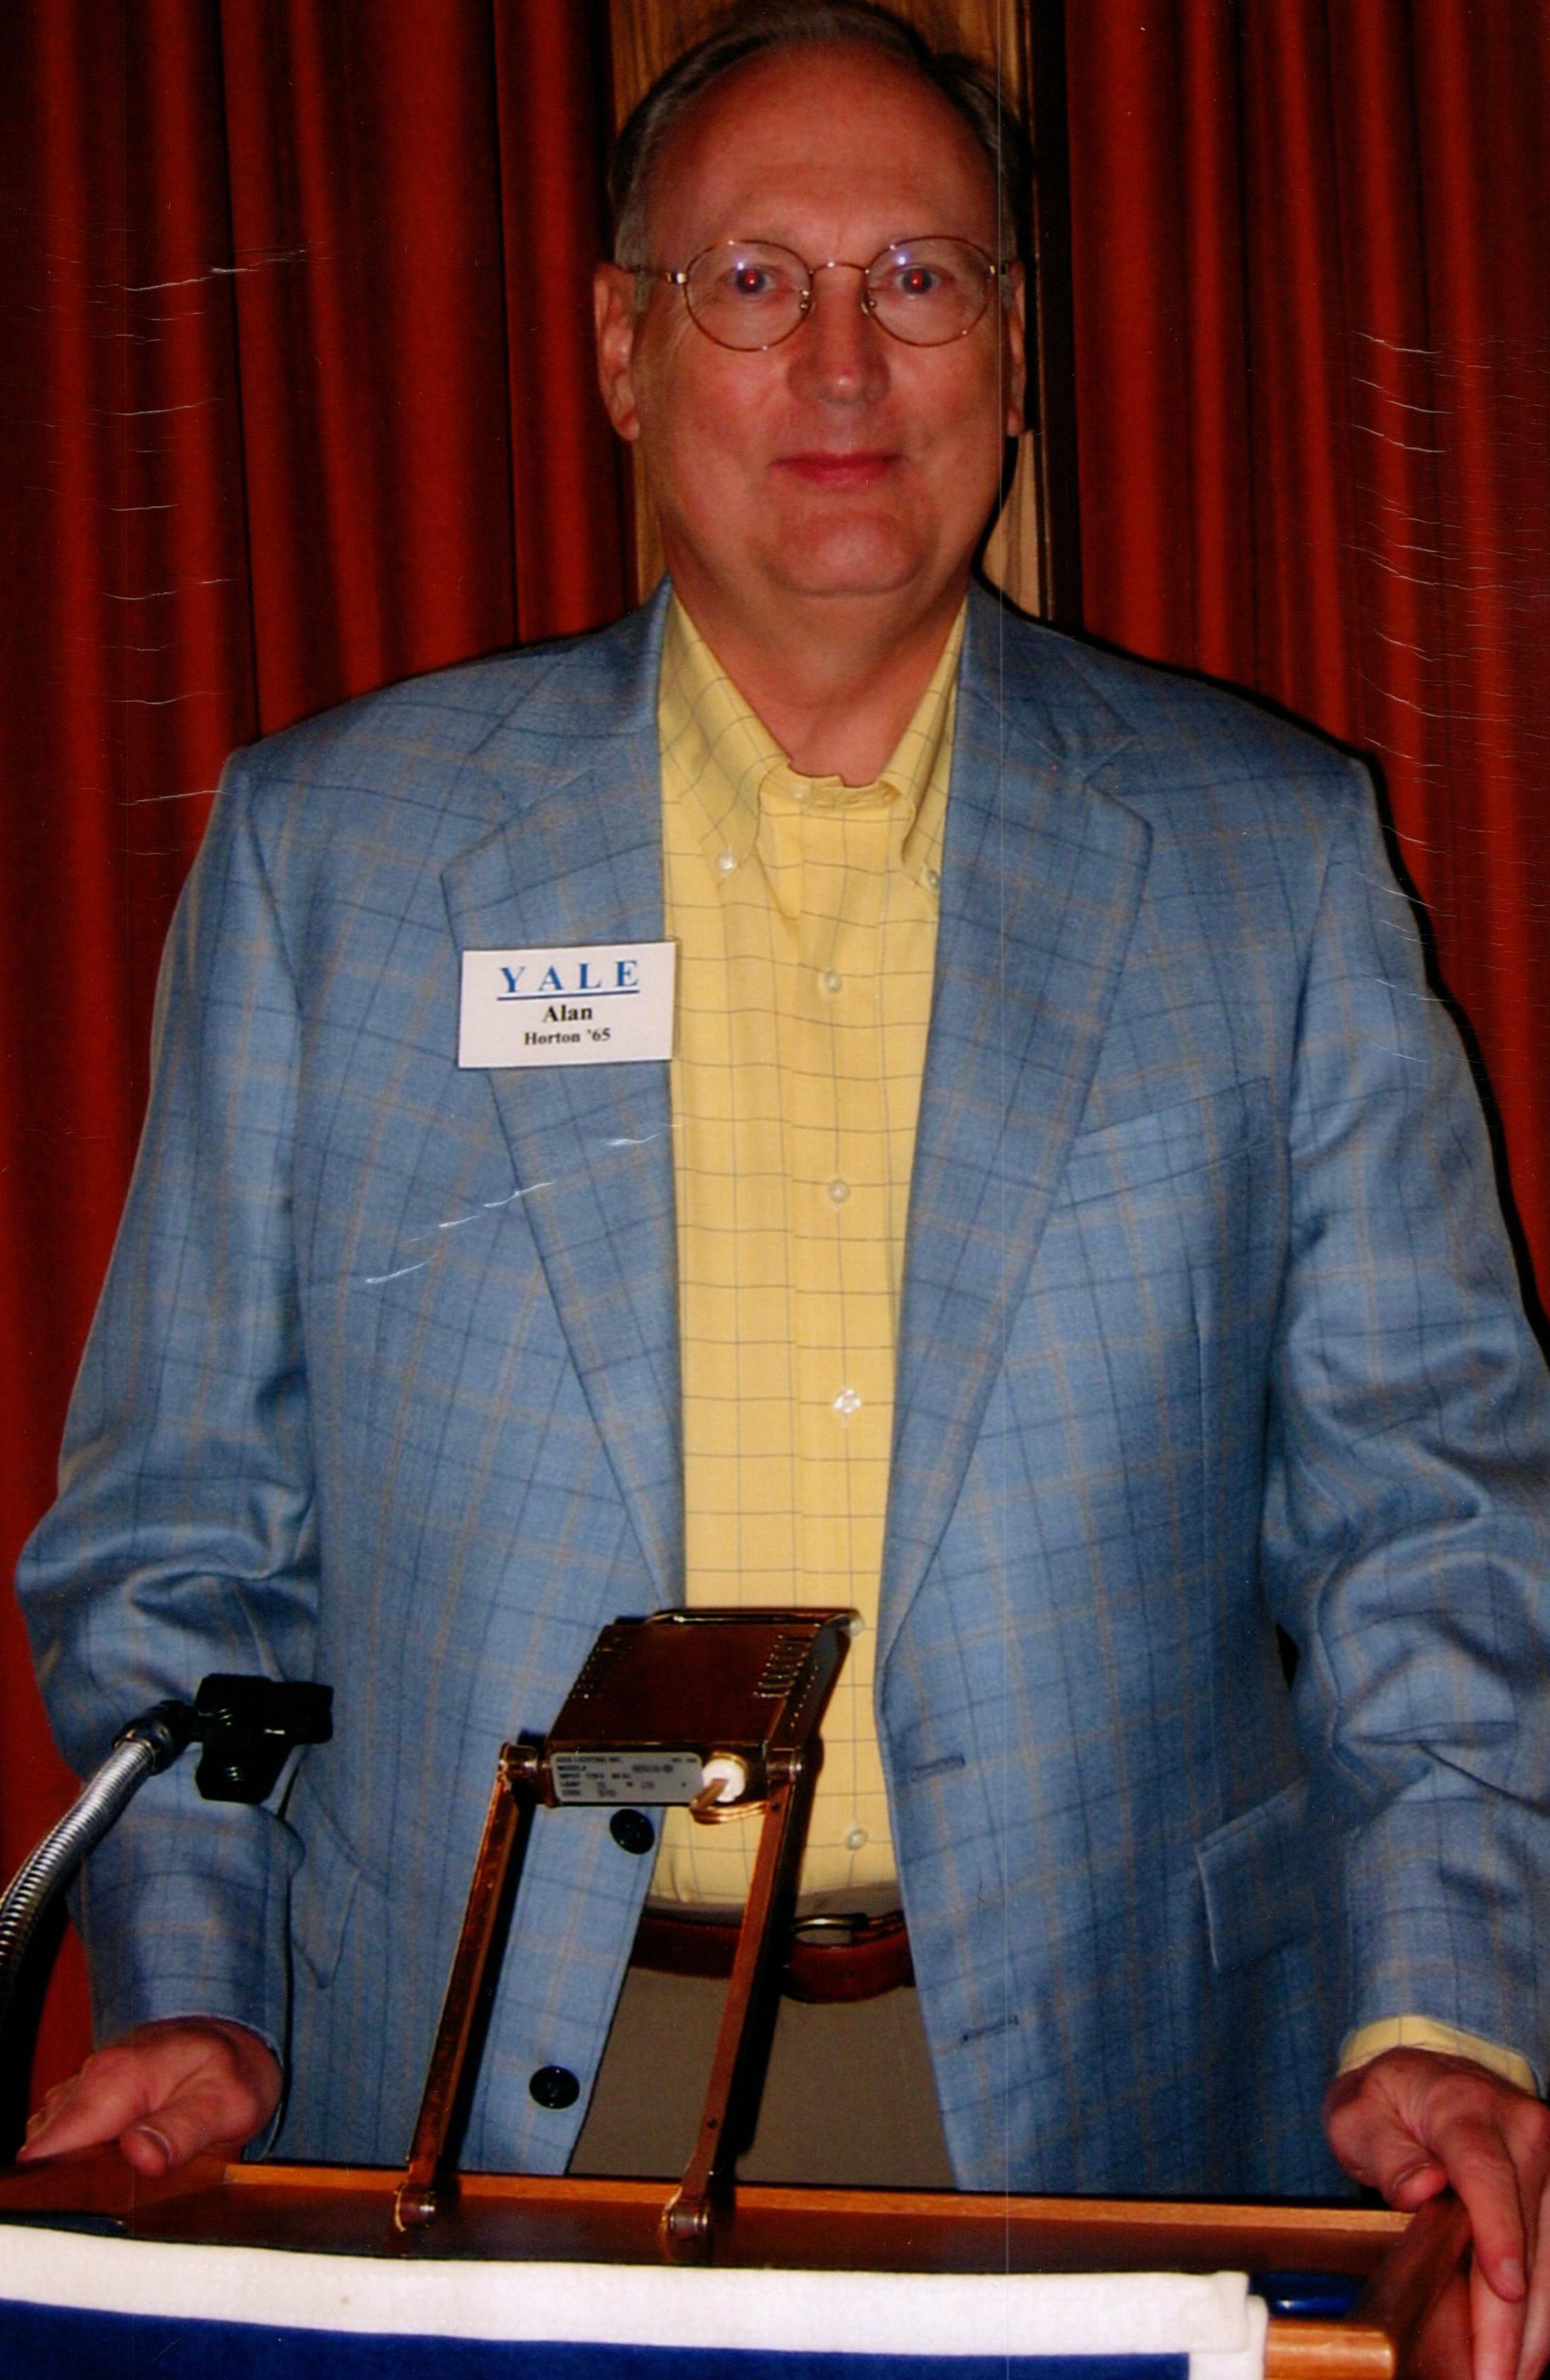 1_10_2008 - SPEAKER LUNCHEON - ALAN HORTON 3.jpg